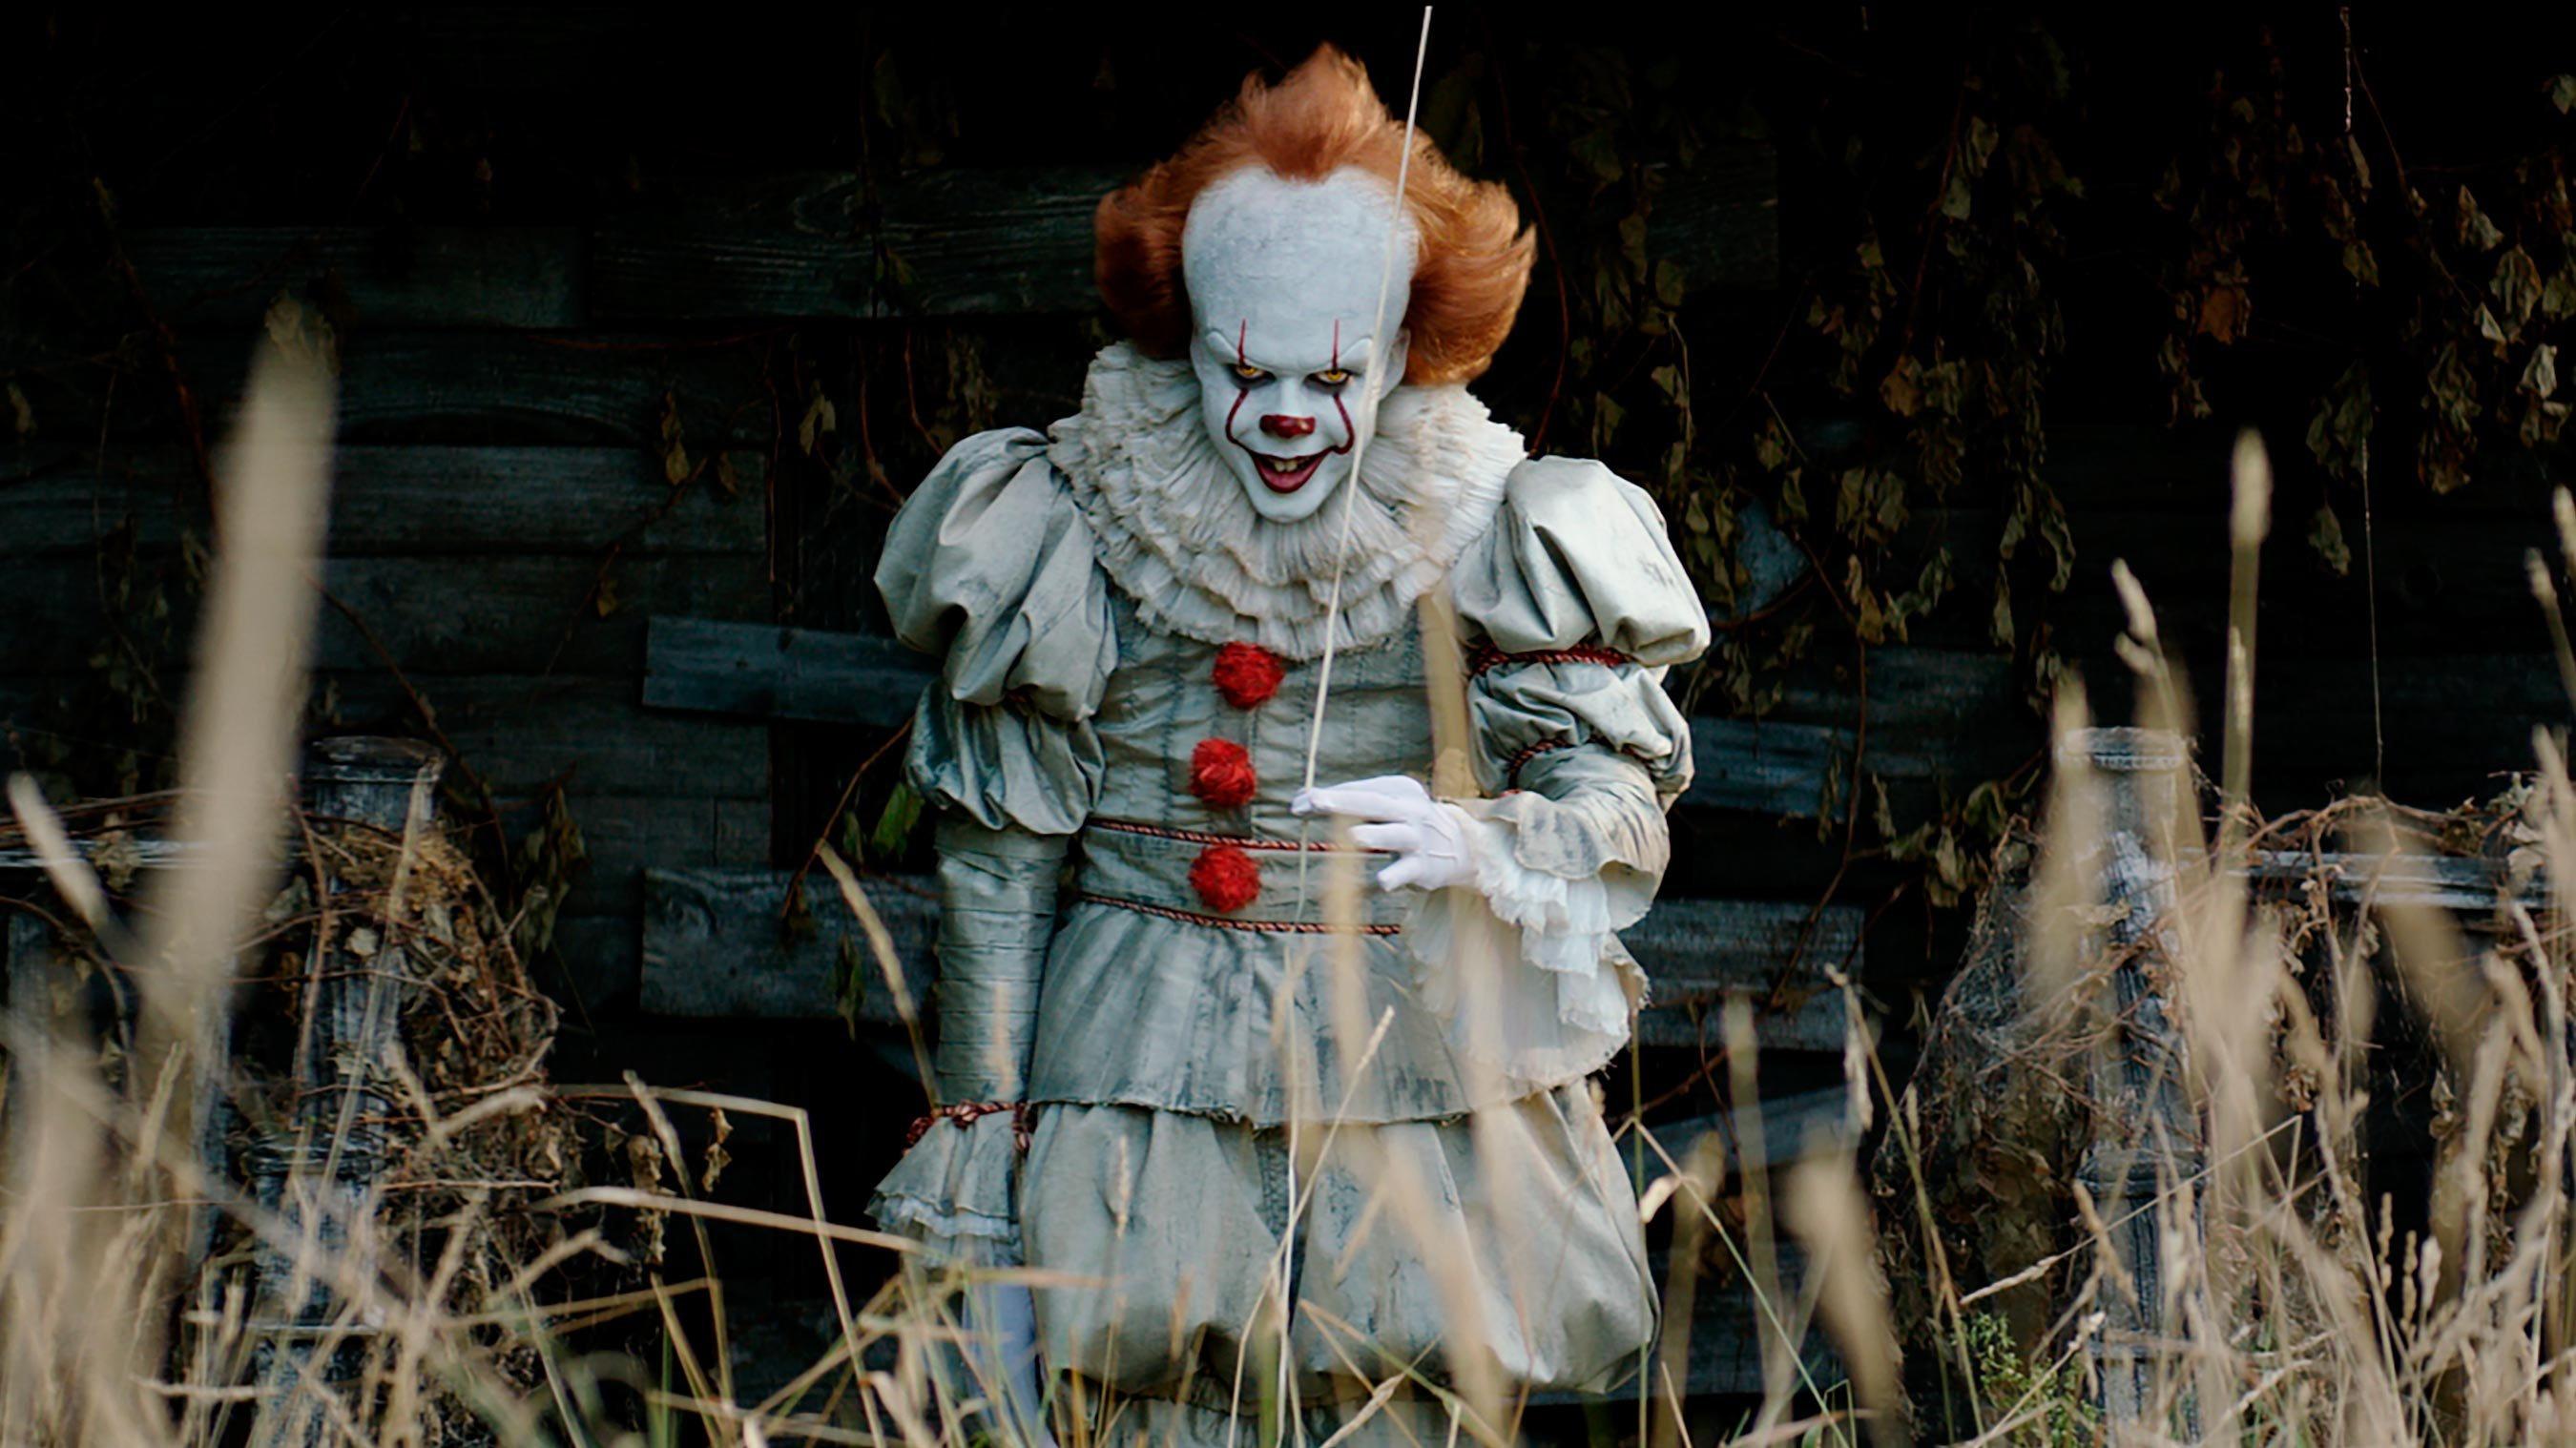 O (It) tüm zamanların en çok izlenen korku filmi oldu